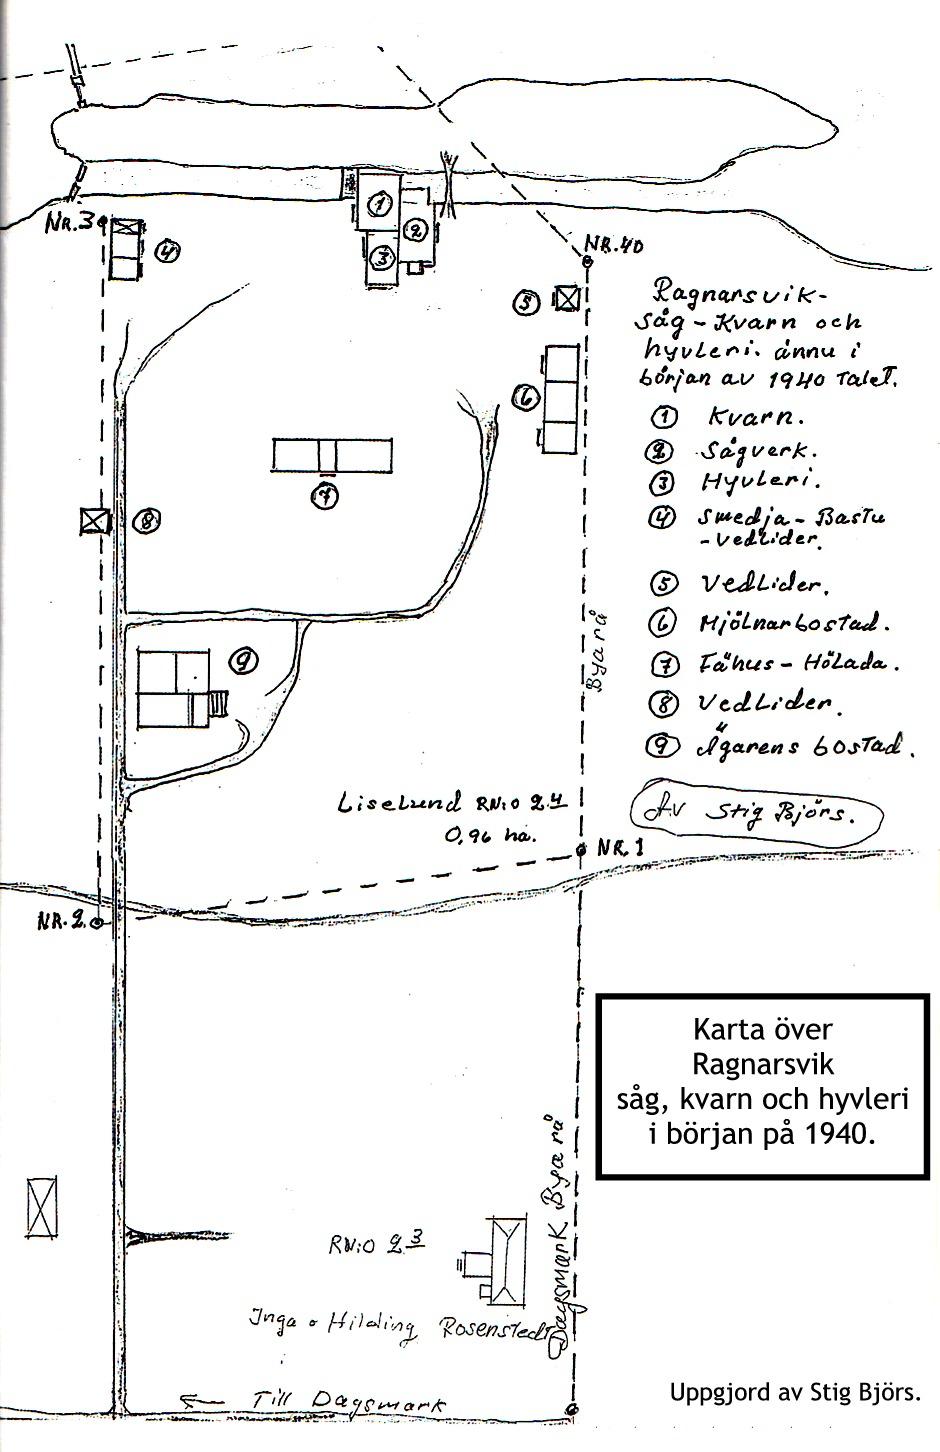 Här en karta över området såsom Stig Björs minns det, från 1940-talet när det var som störst.